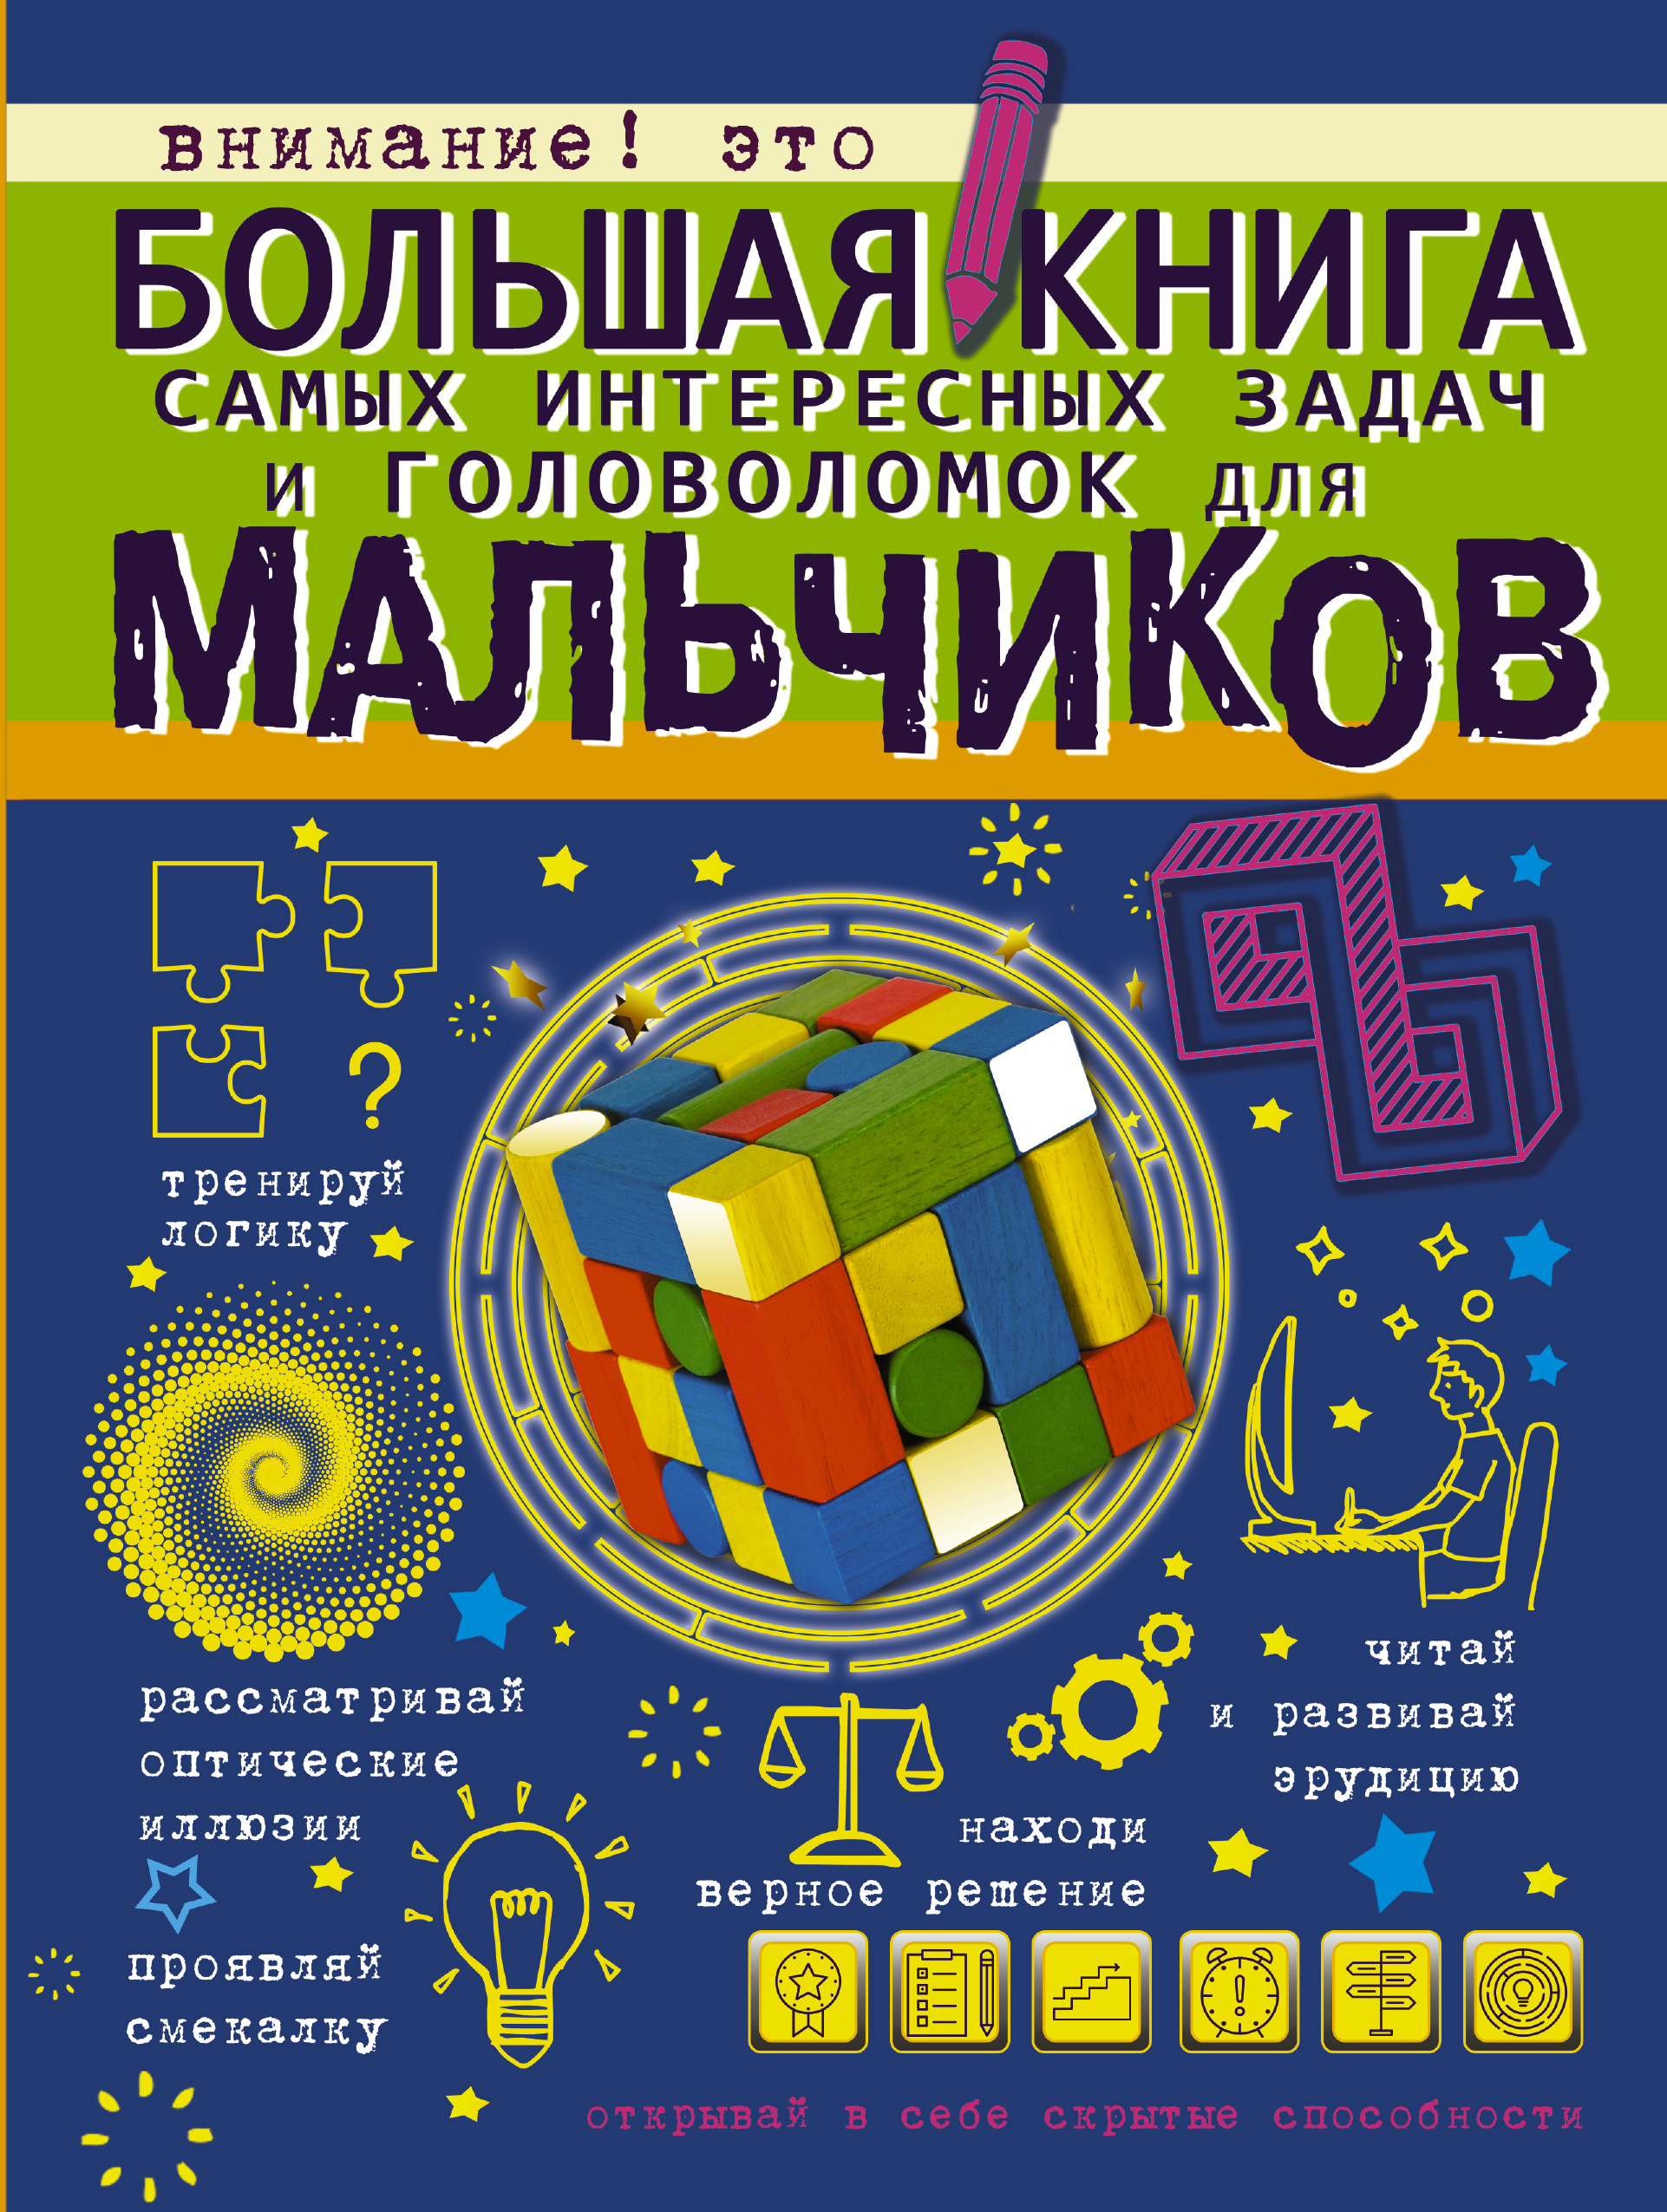 Большая книга самых интересных задач и головоломок для мальчиков